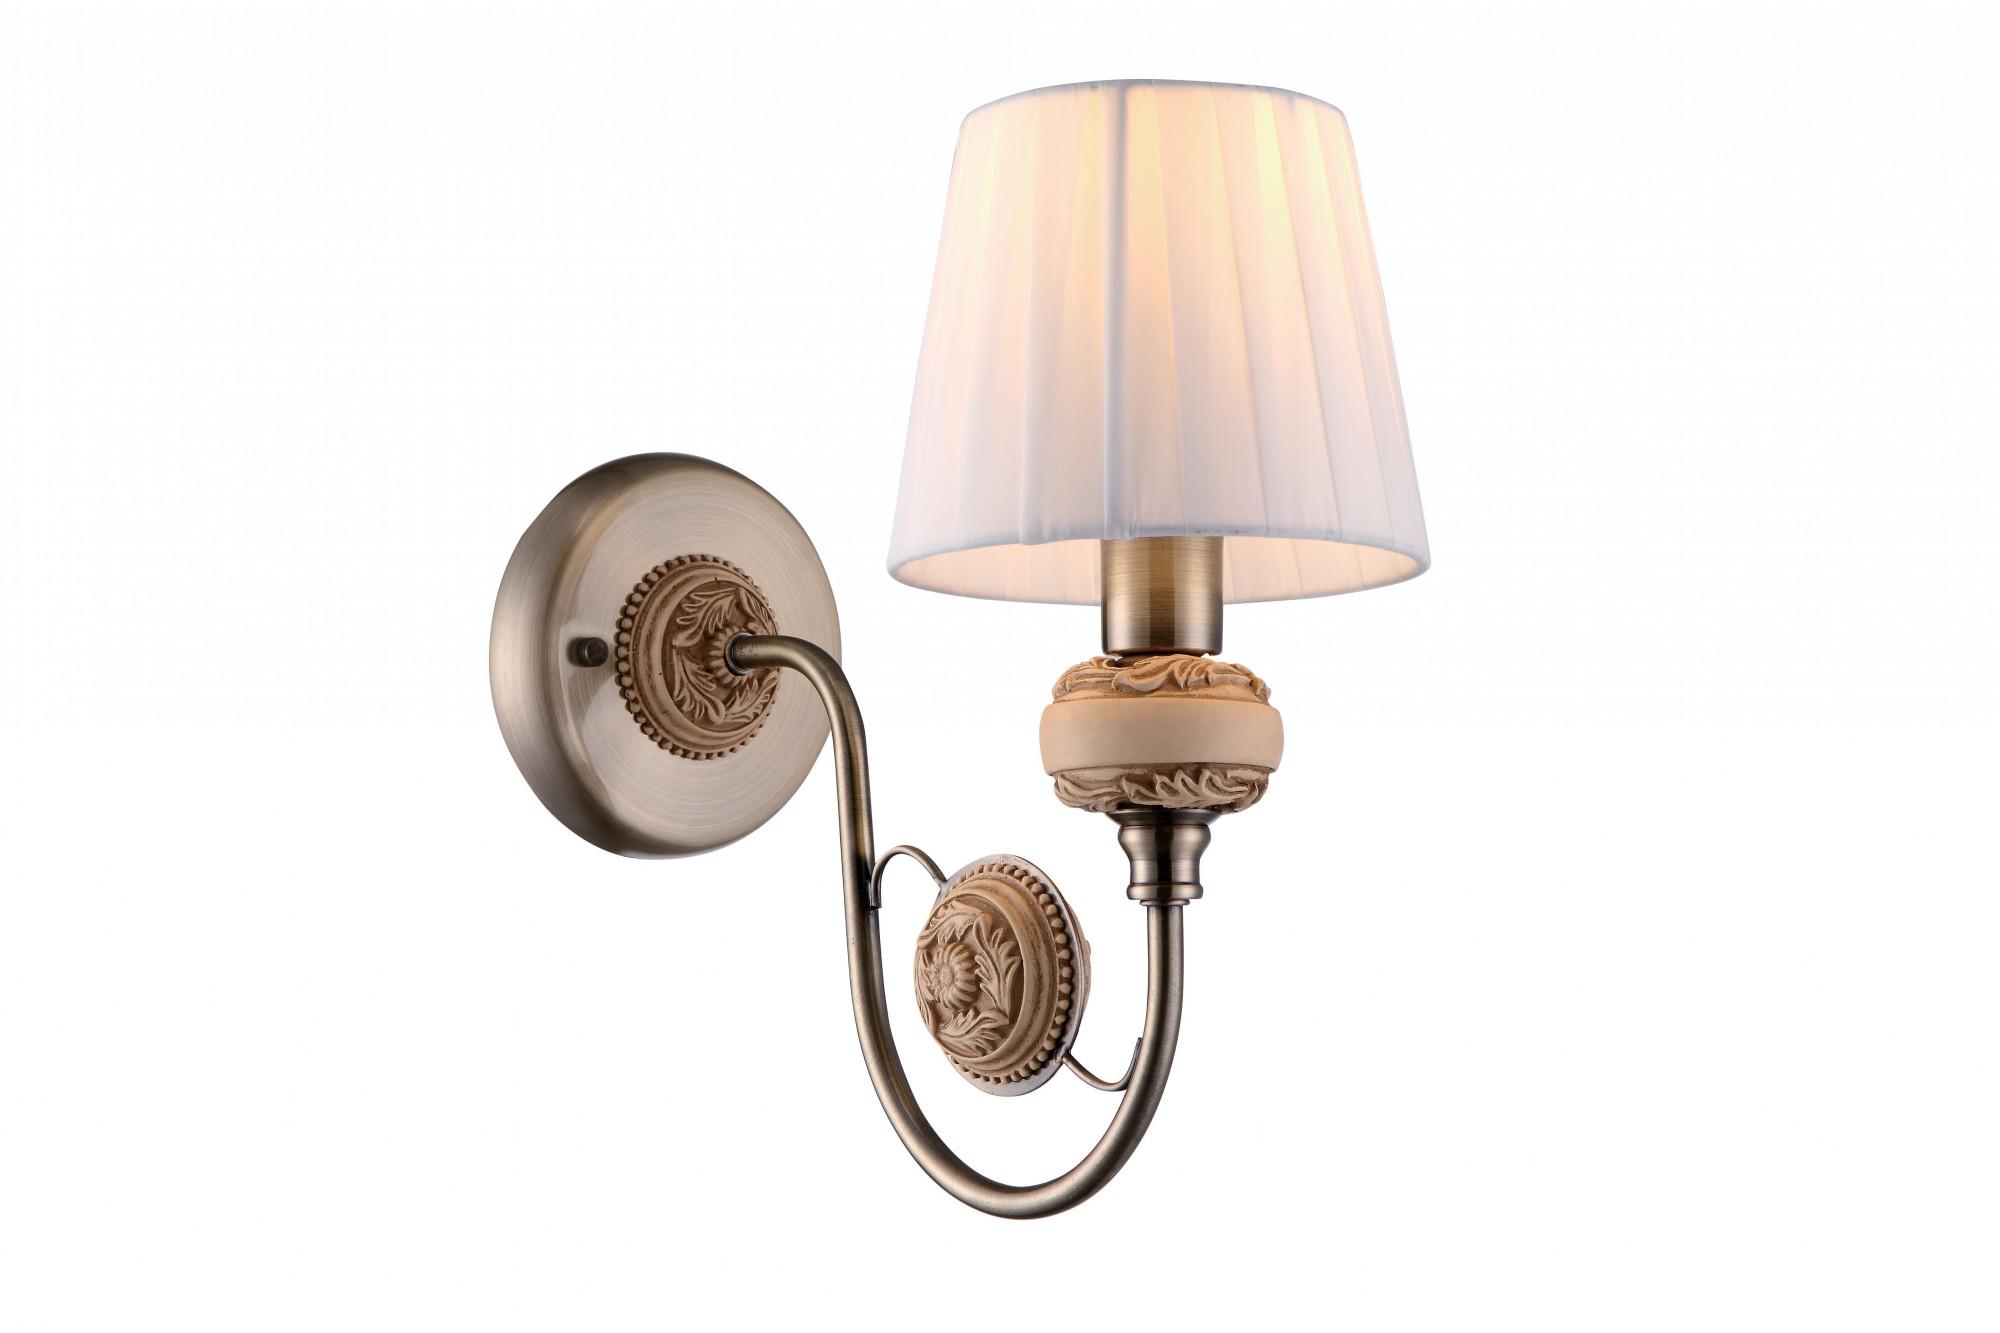 Фото товара A9583AP-1AB Arte Lamp